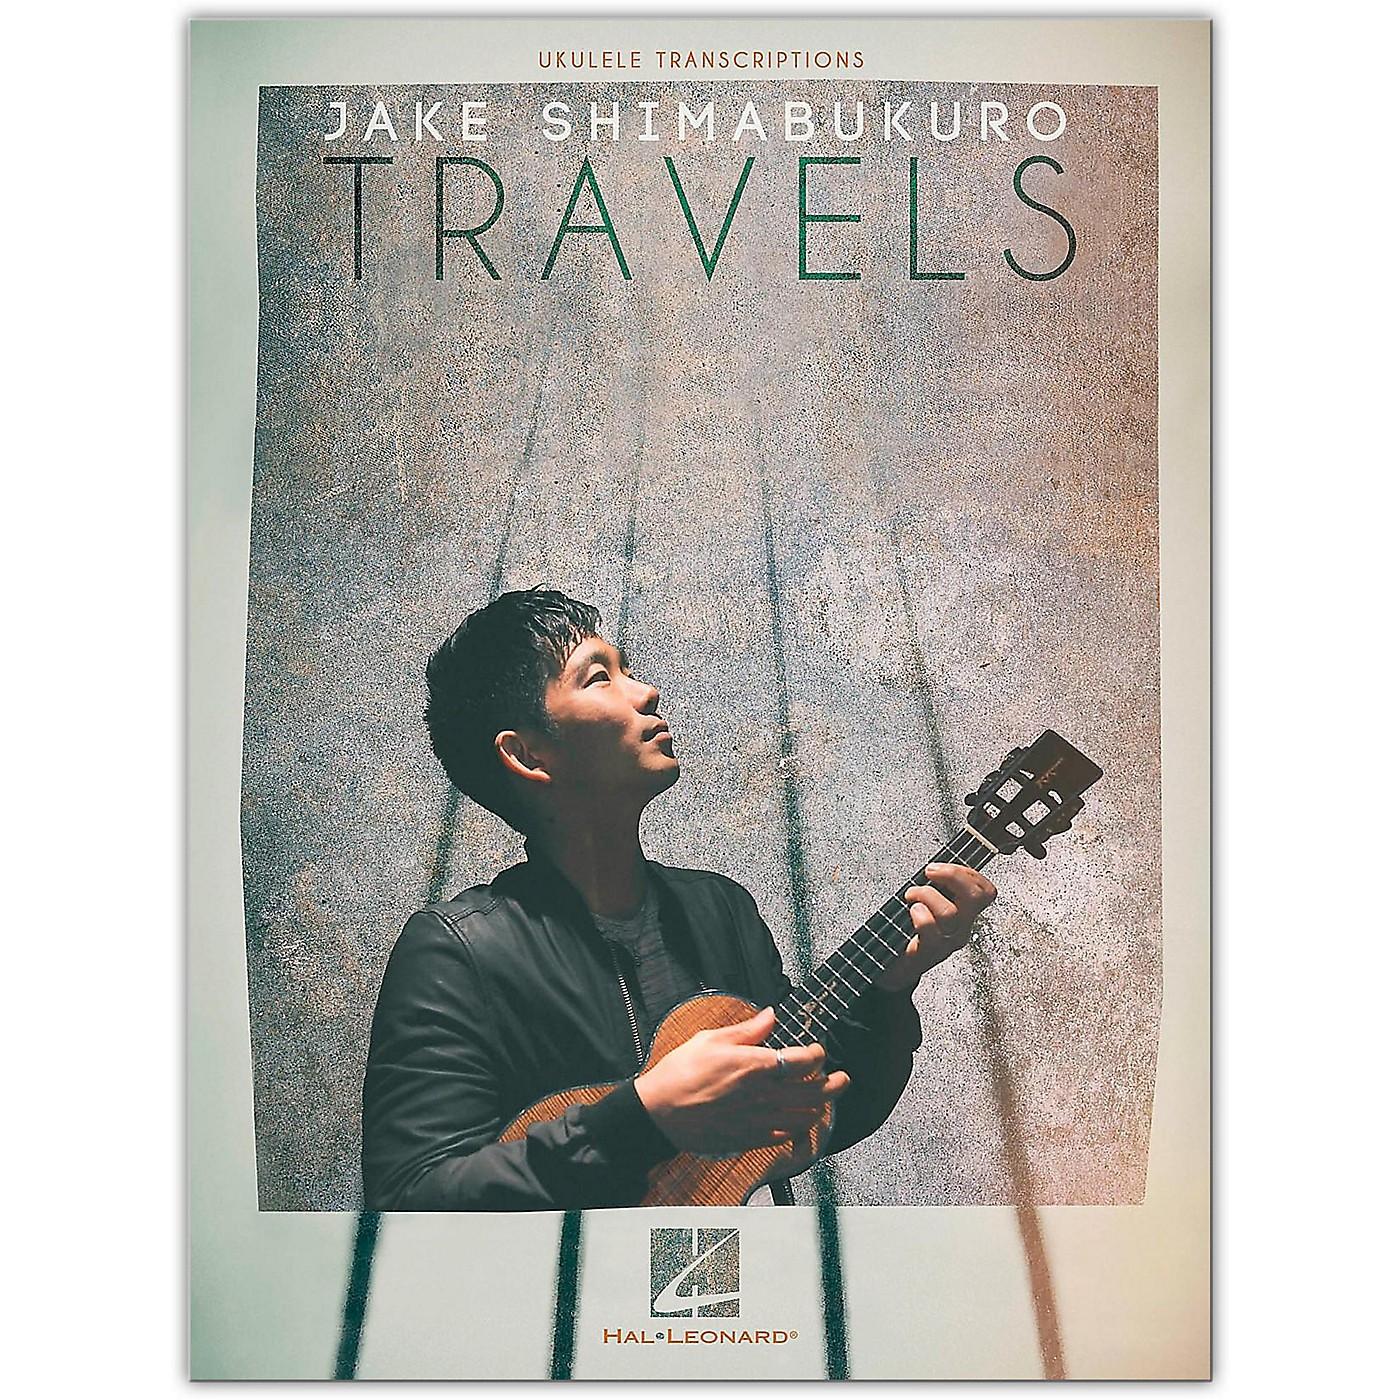 Hal Leonard Jake Shimabukuro - Travels Ukulele Songbook thumbnail